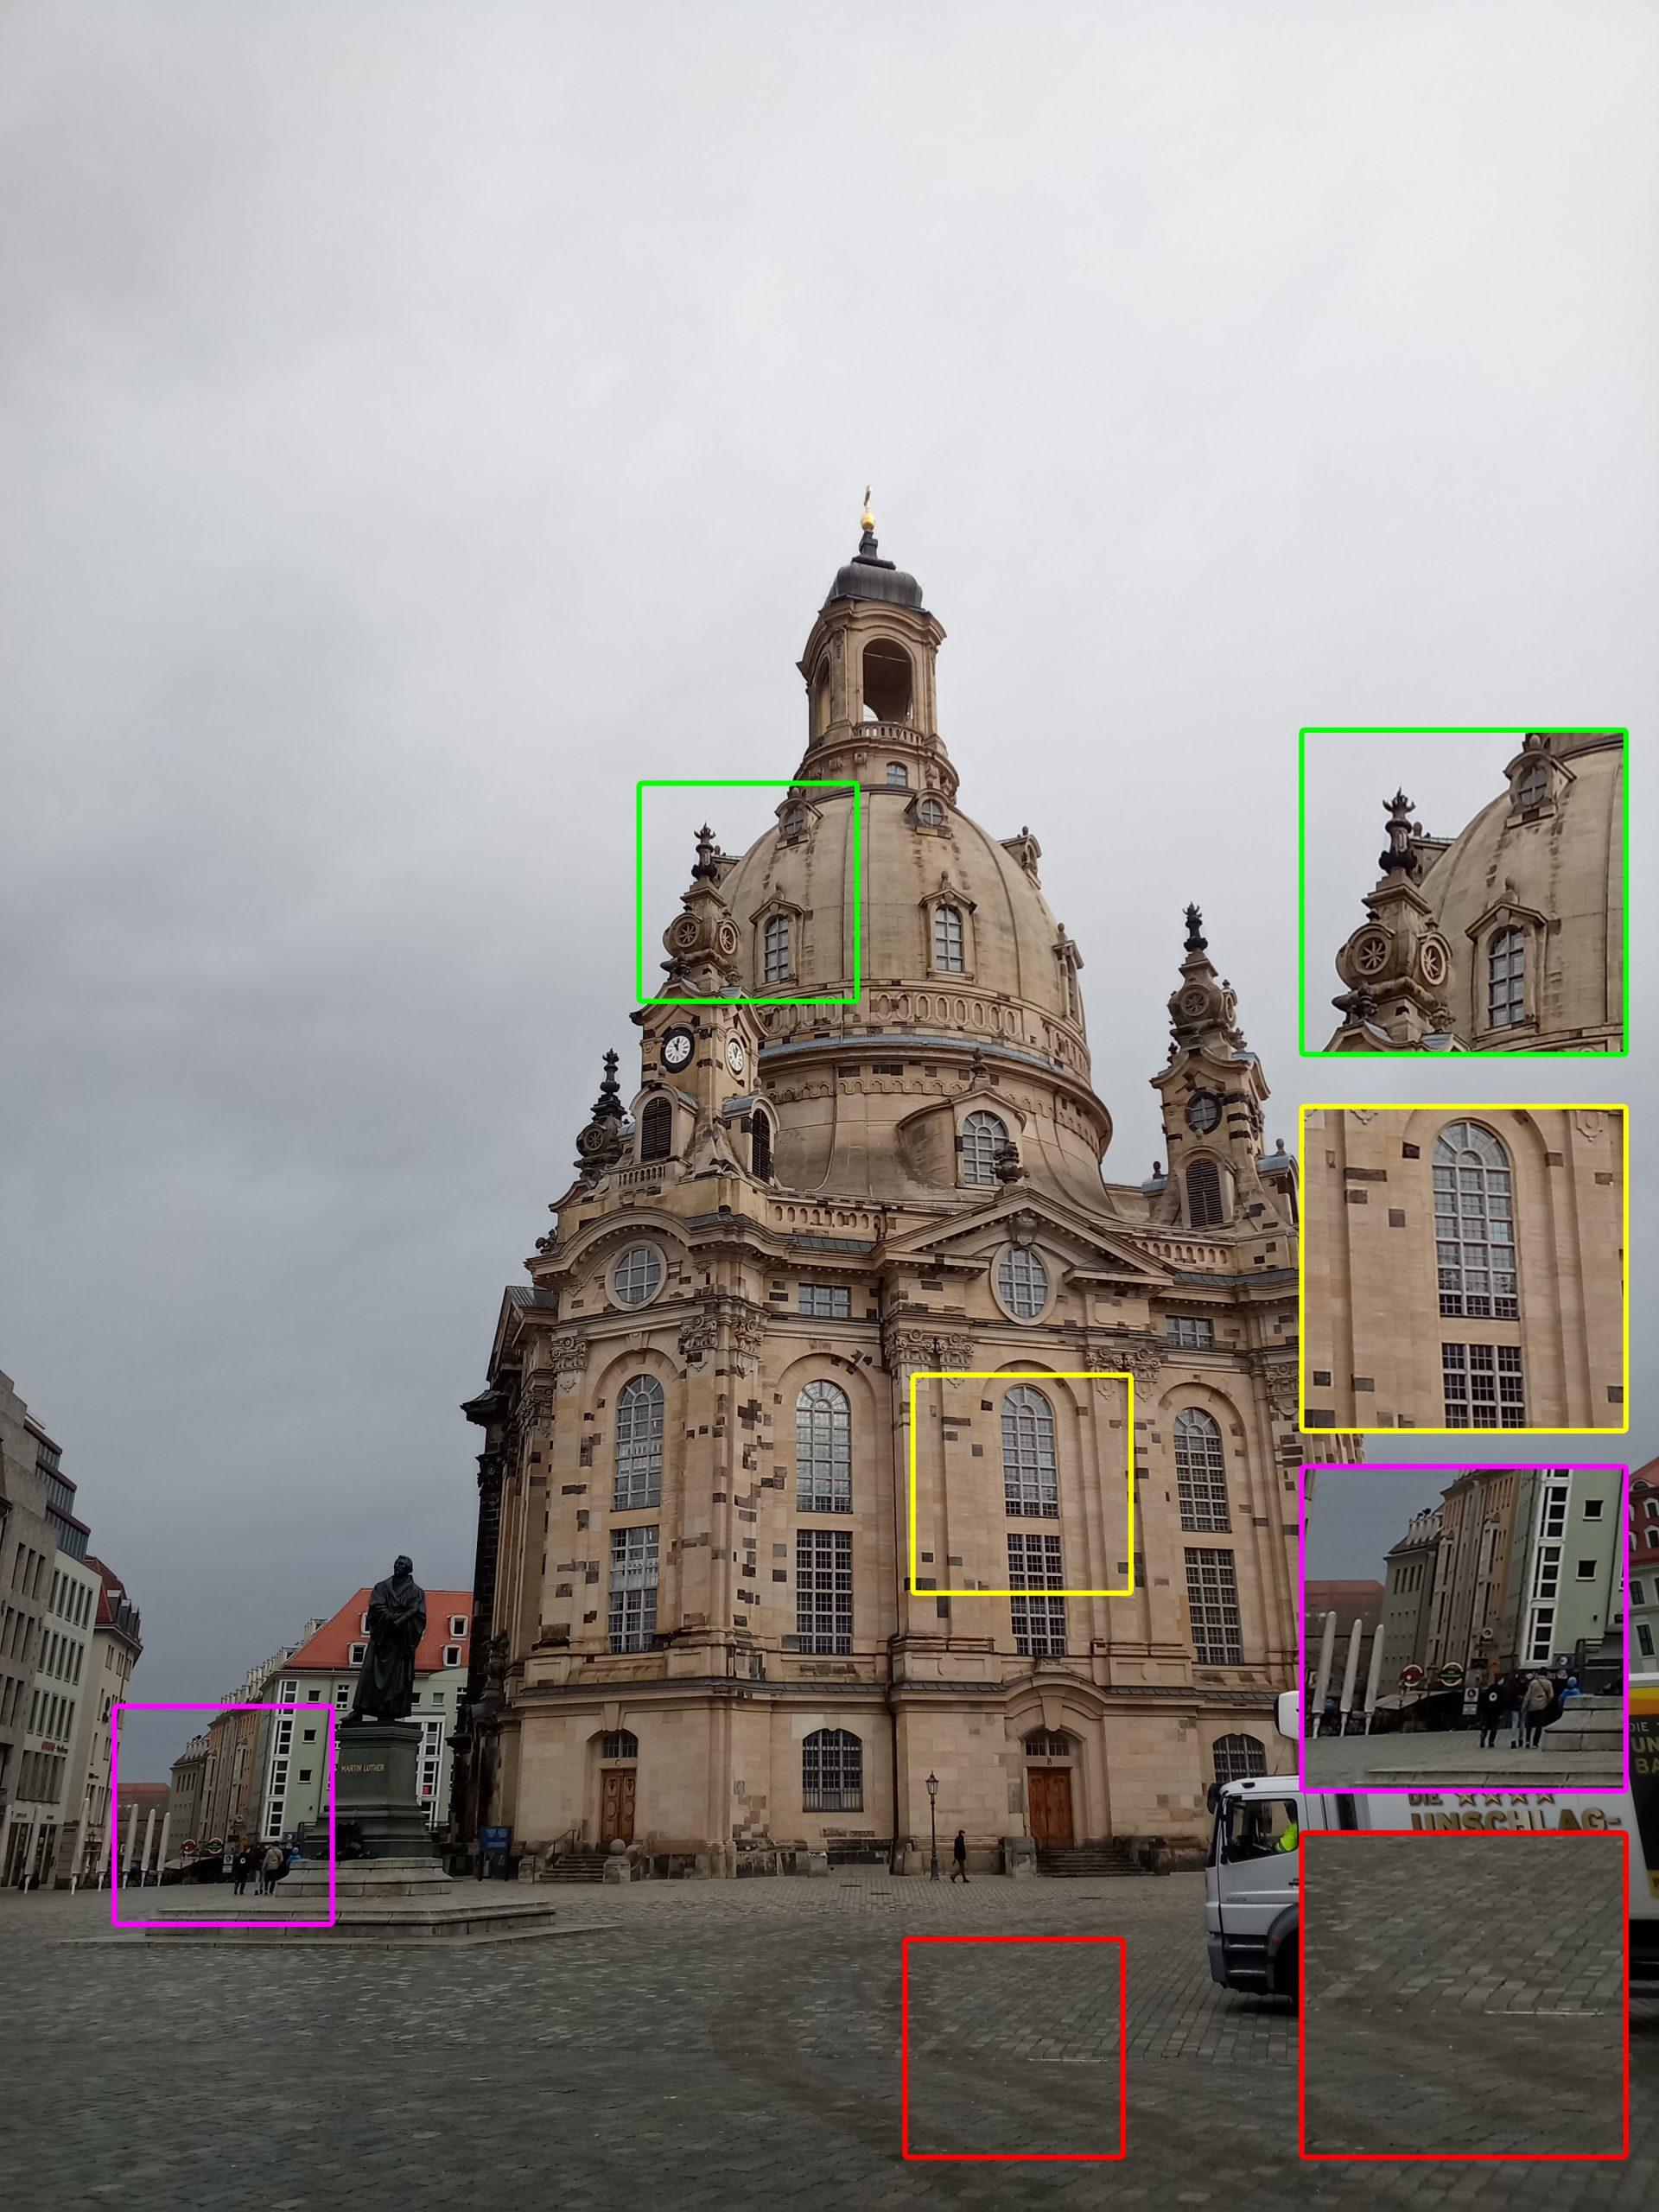 Gigaset GX290 Dresdner Frauenkirche